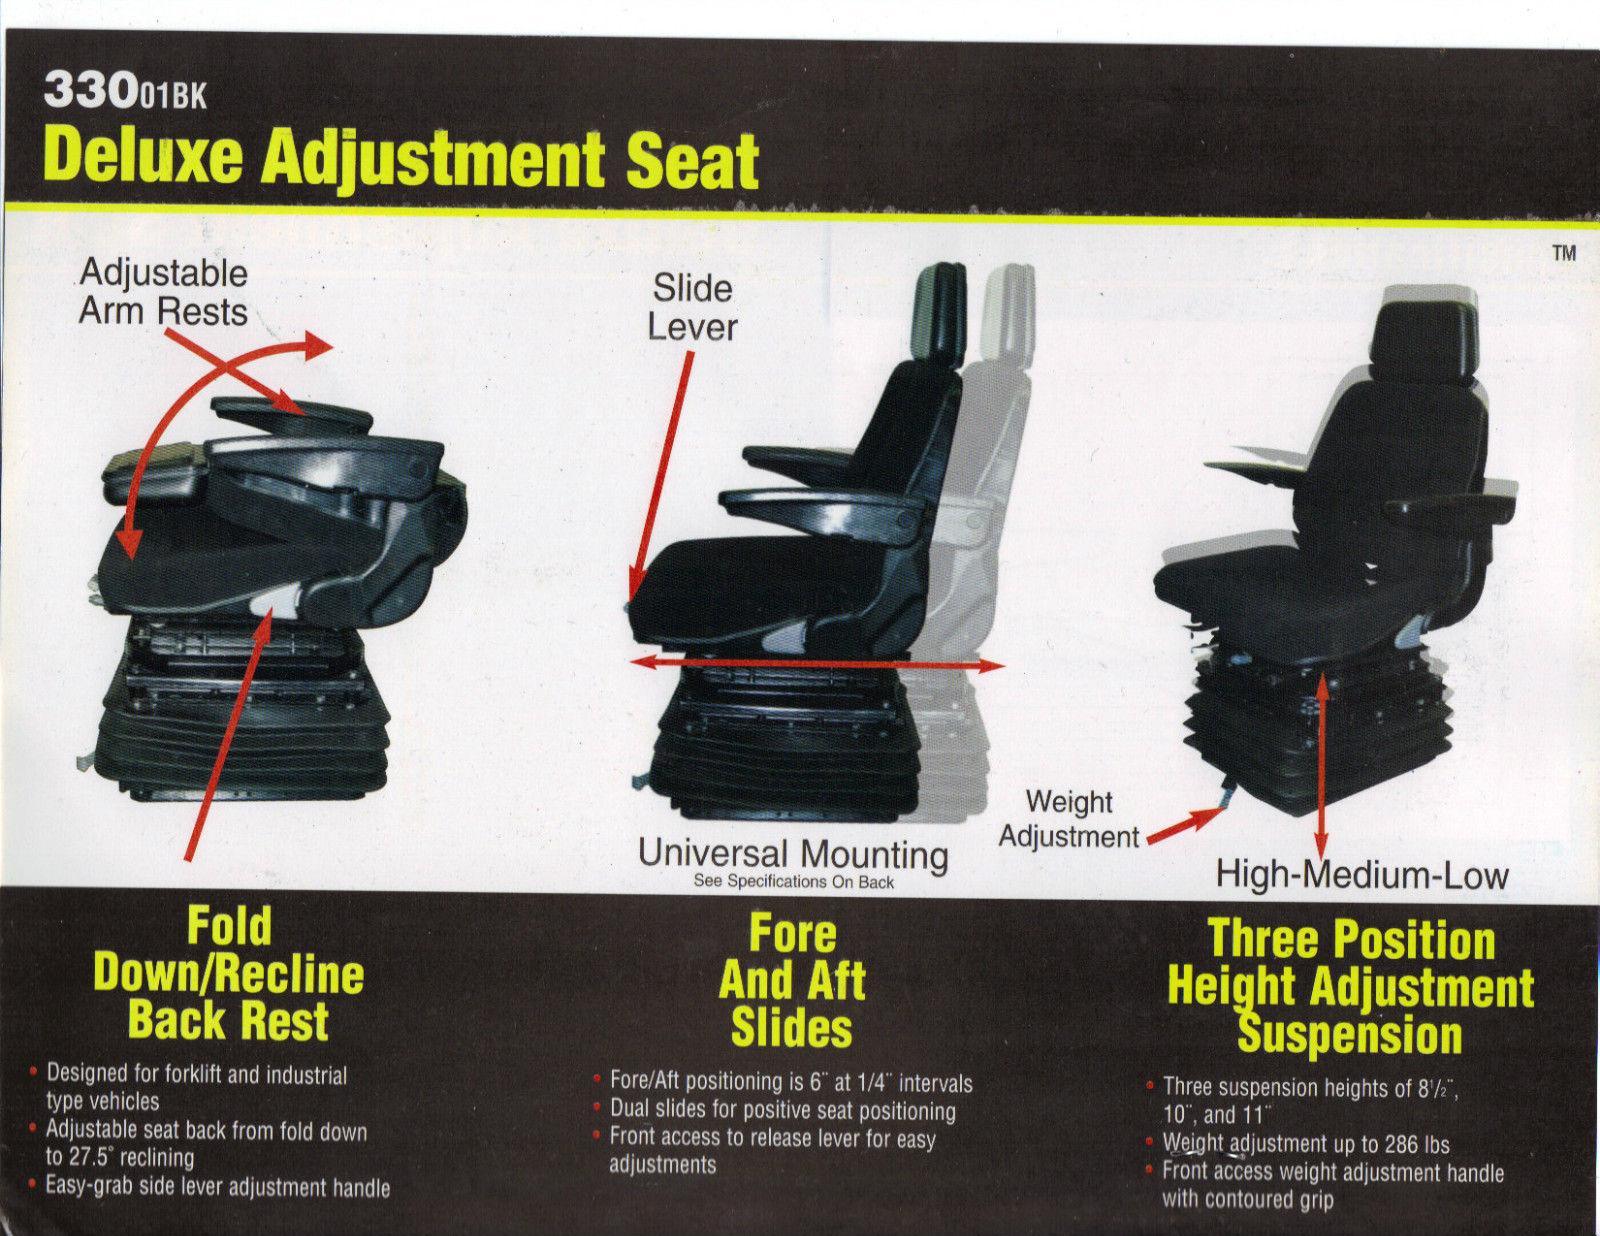 BLACK FABRIC SUSPENSION SWIVEL SEAT FOR EXCAVATOR, FORKLIFT, WHEEL LOADER,  DOZER, BACKHOE, TRACTOR #LK